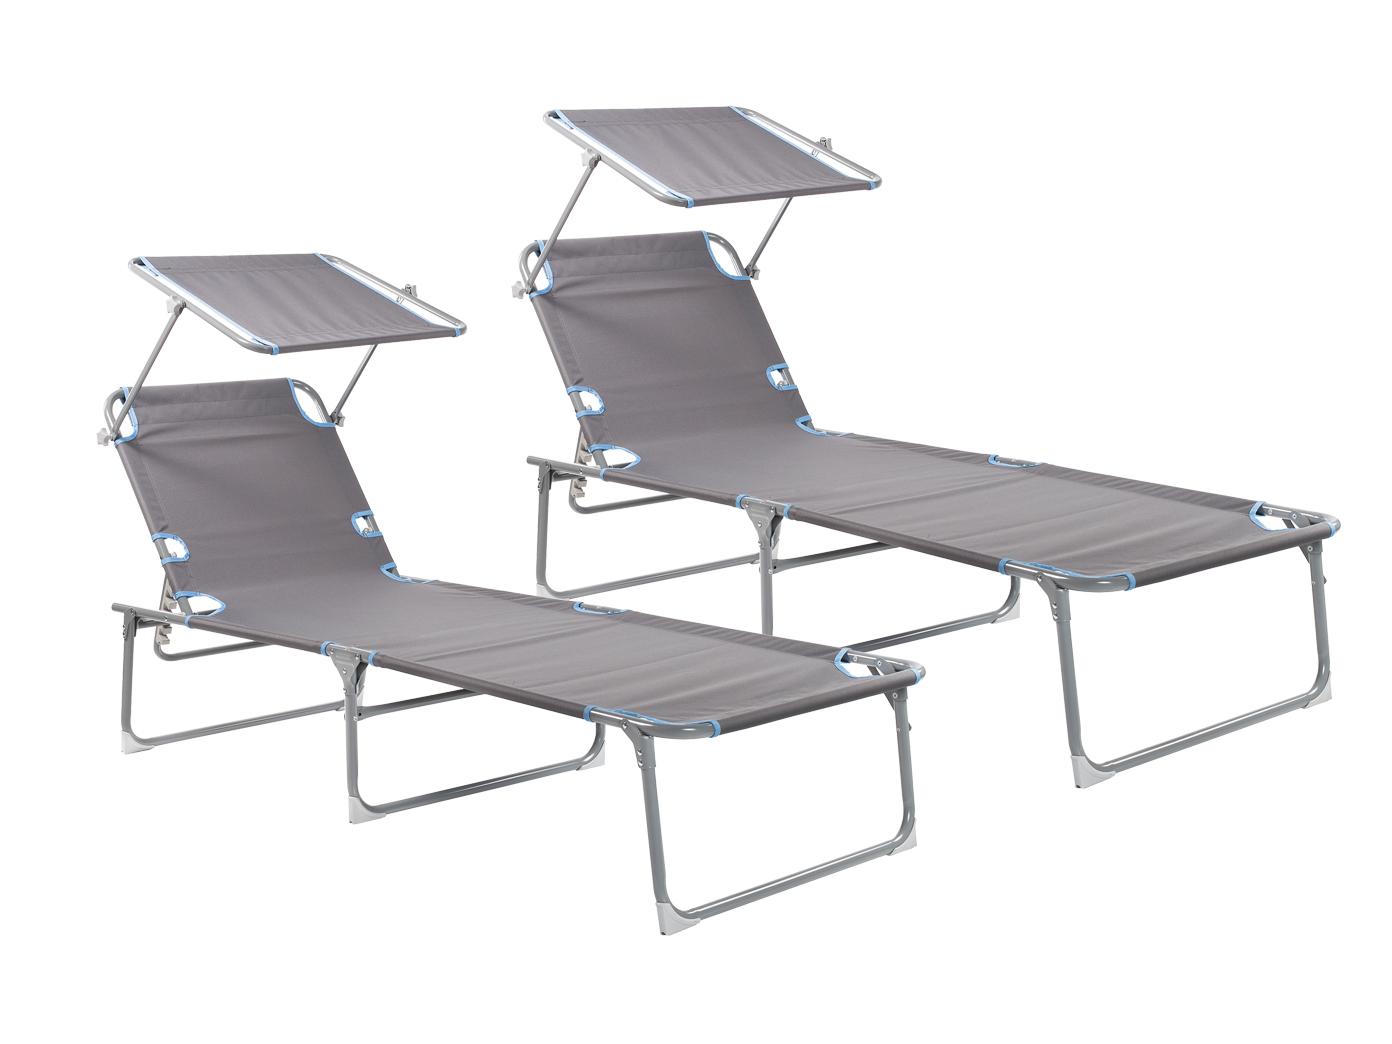 Set 2 kompakte Klappliegen mit 5 Positionen belastbare Strandliege Freizeitliege